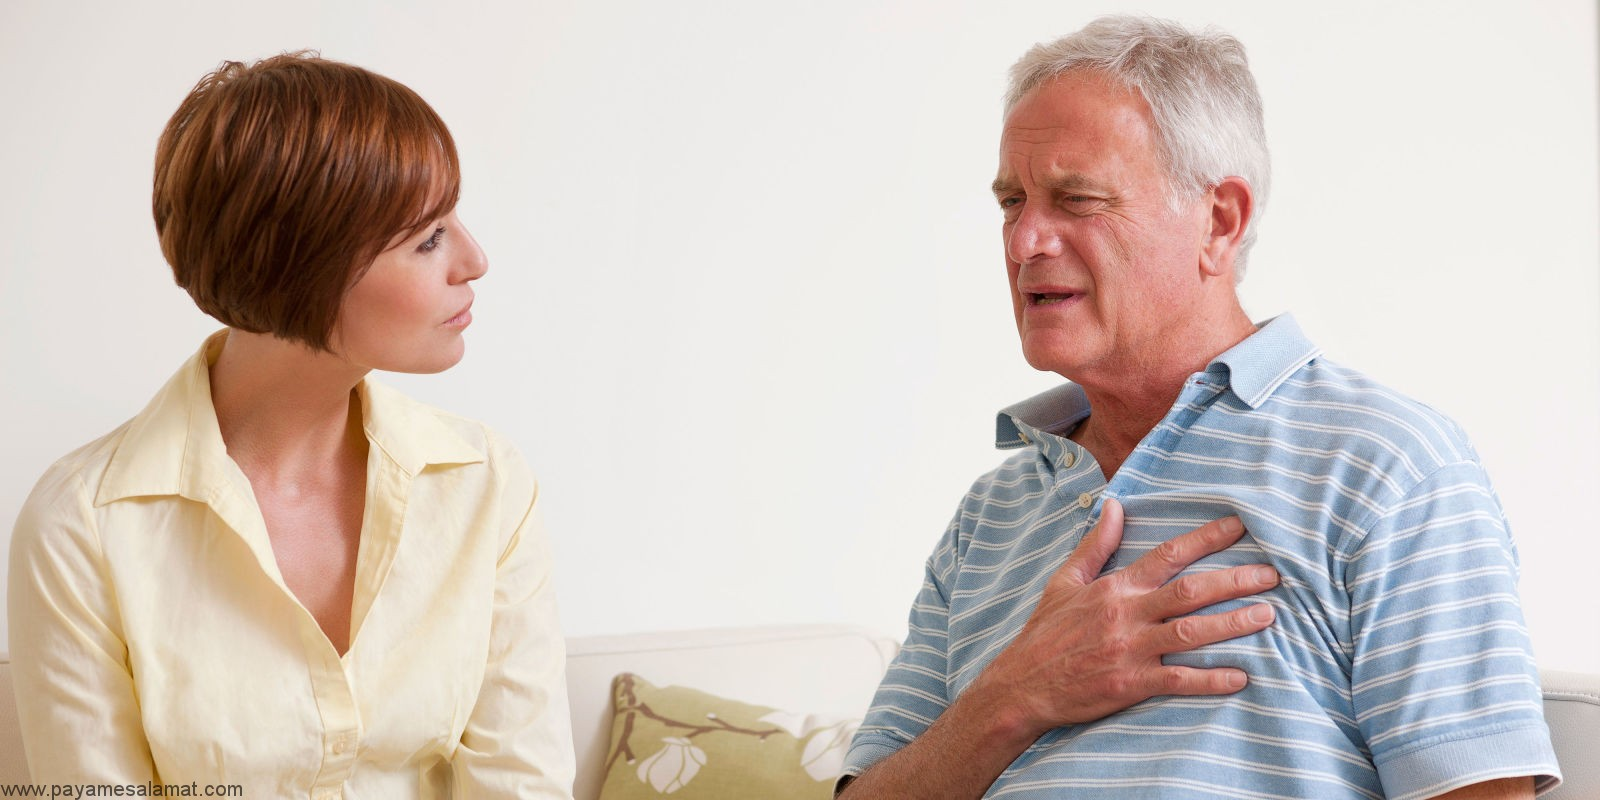 علائم، نشانه ها، عوامل خطر، درمان و پیشگیری از سکته قلبی